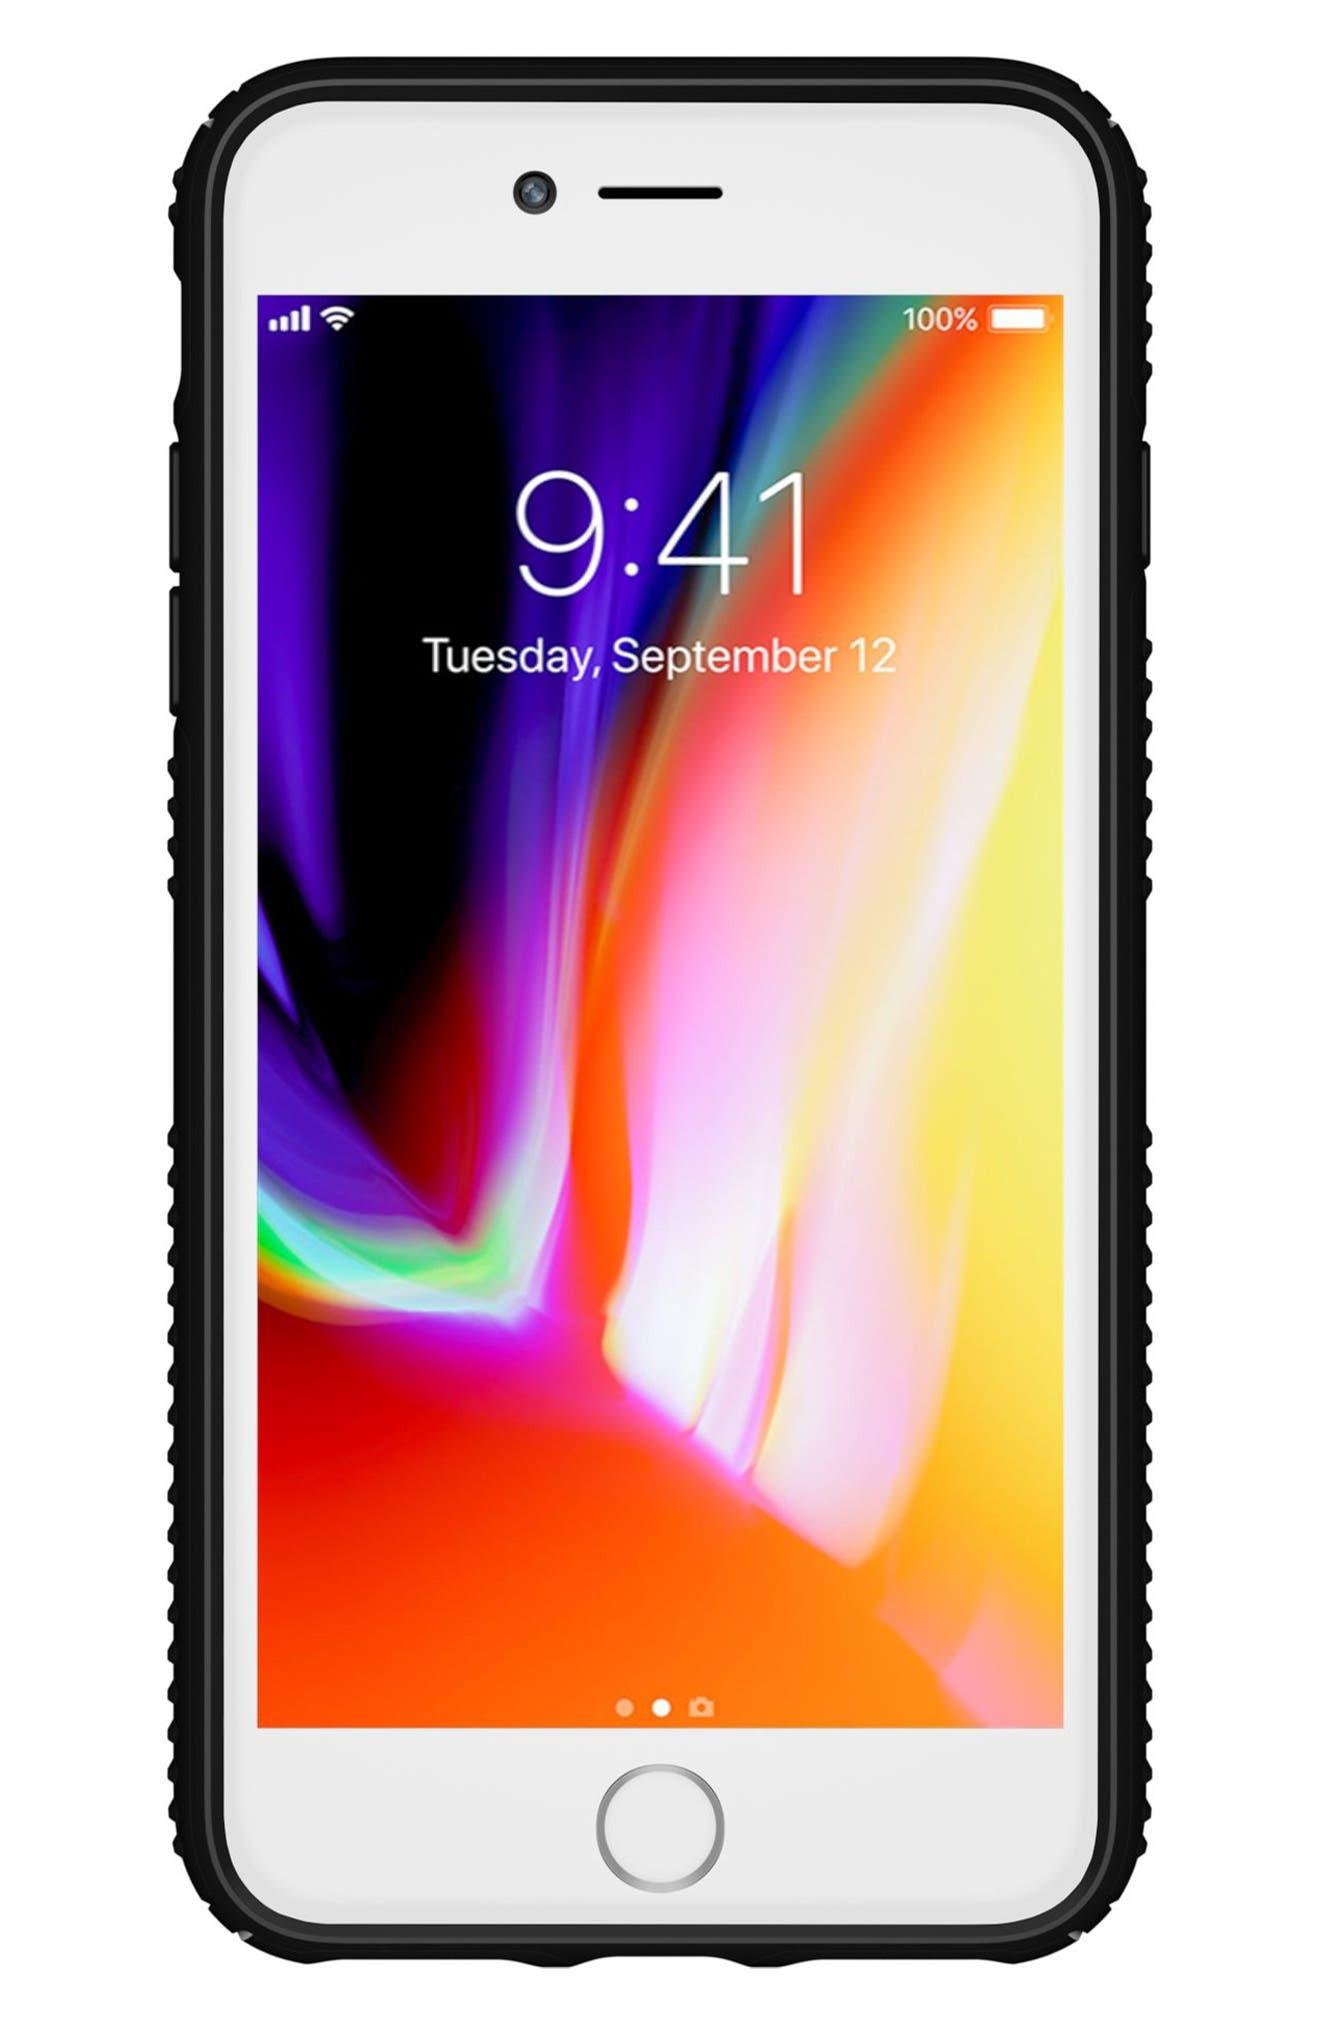 SPECK,                             Grip iPhone 6/6s/7/8 Plus Case,                             Alternate thumbnail 2, color,                             001